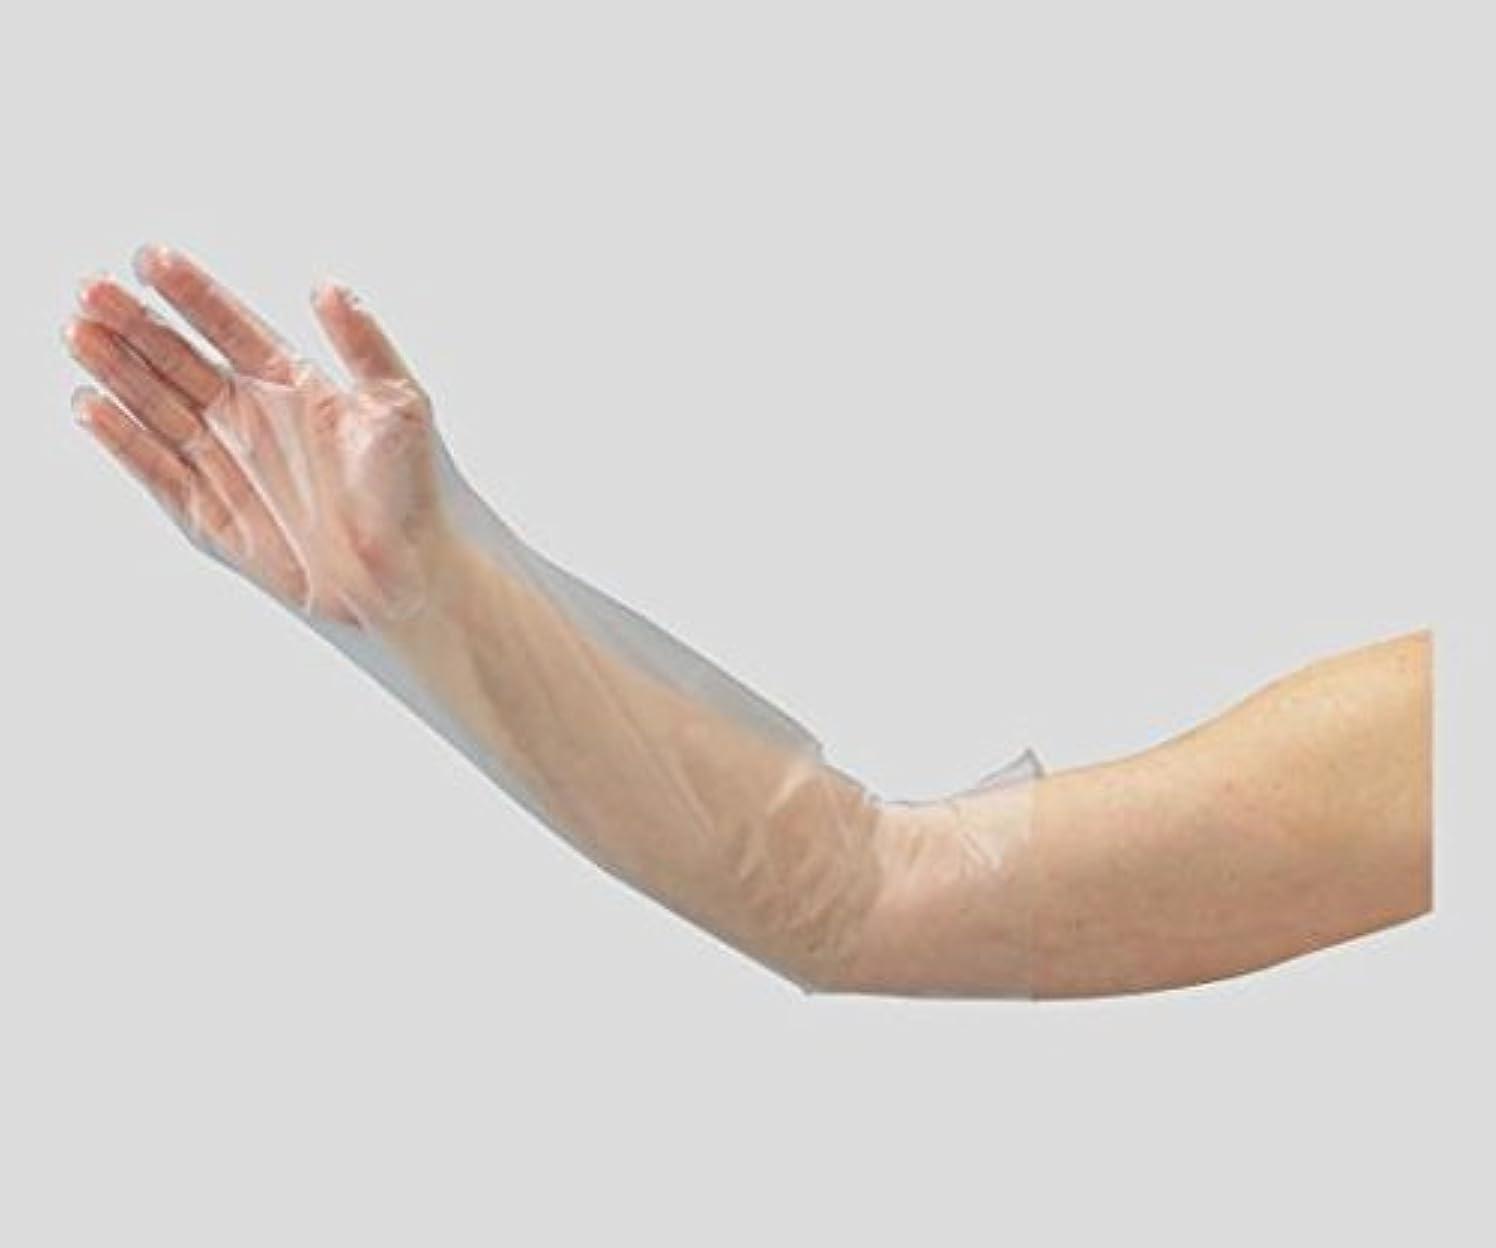 仲間むしろ黄ばむ2-9757-01ポリエチレンロング手袋(ひじピタ)S100枚入